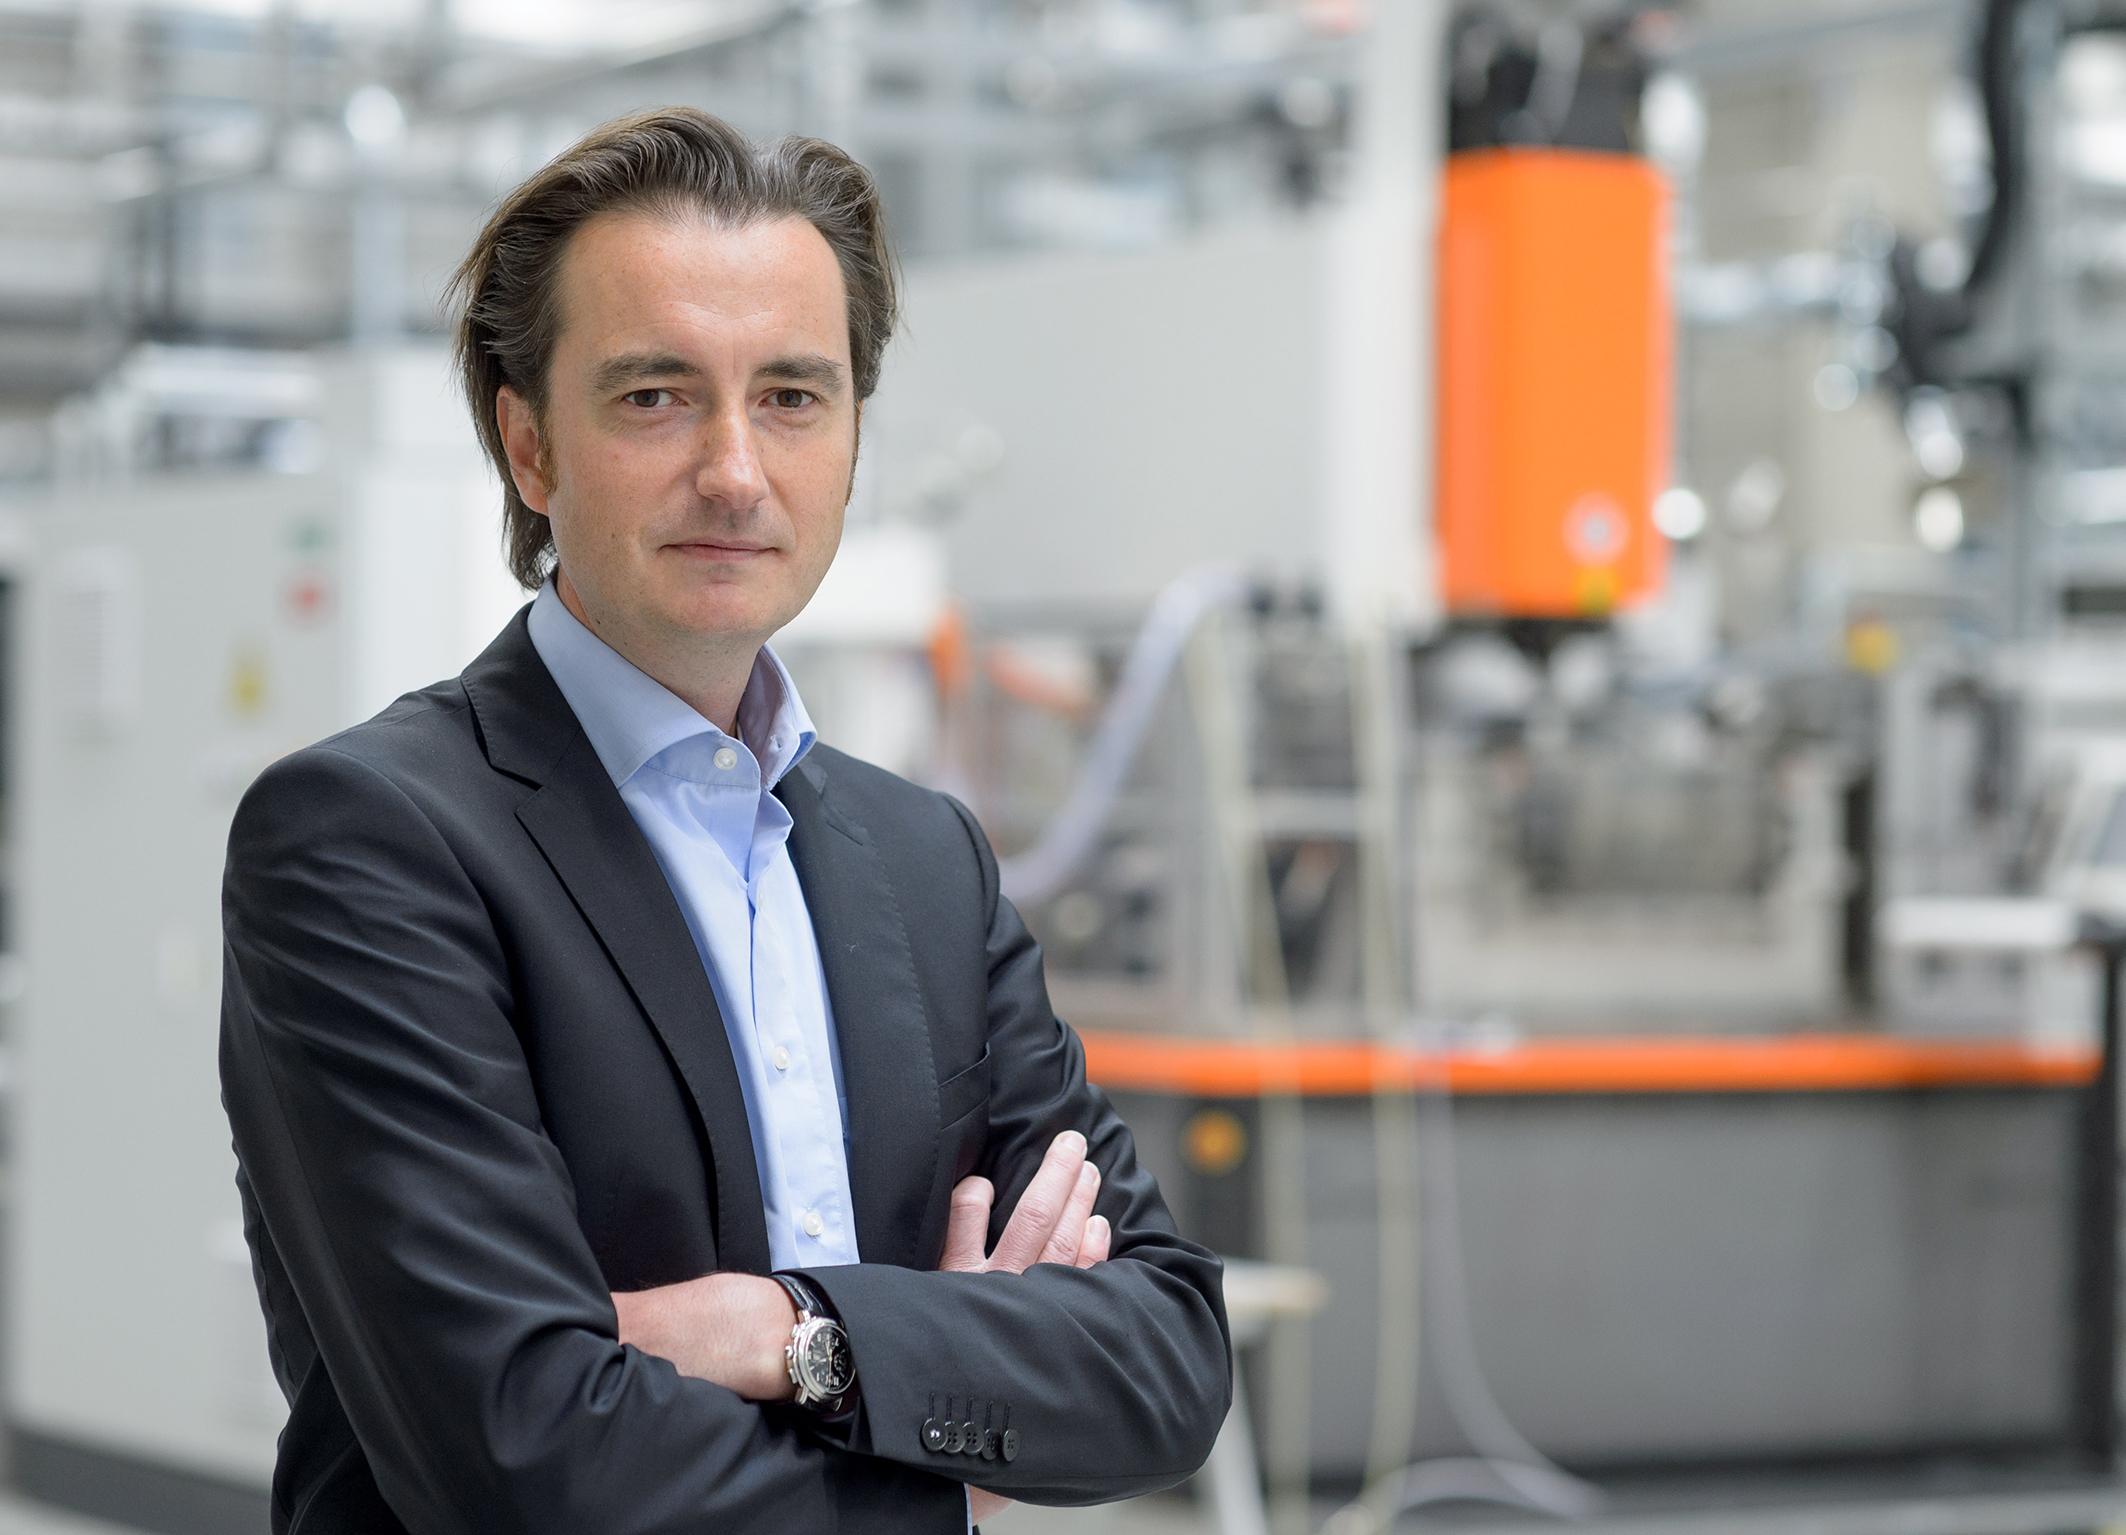 Bosch research: Dr. Martin Schöpf